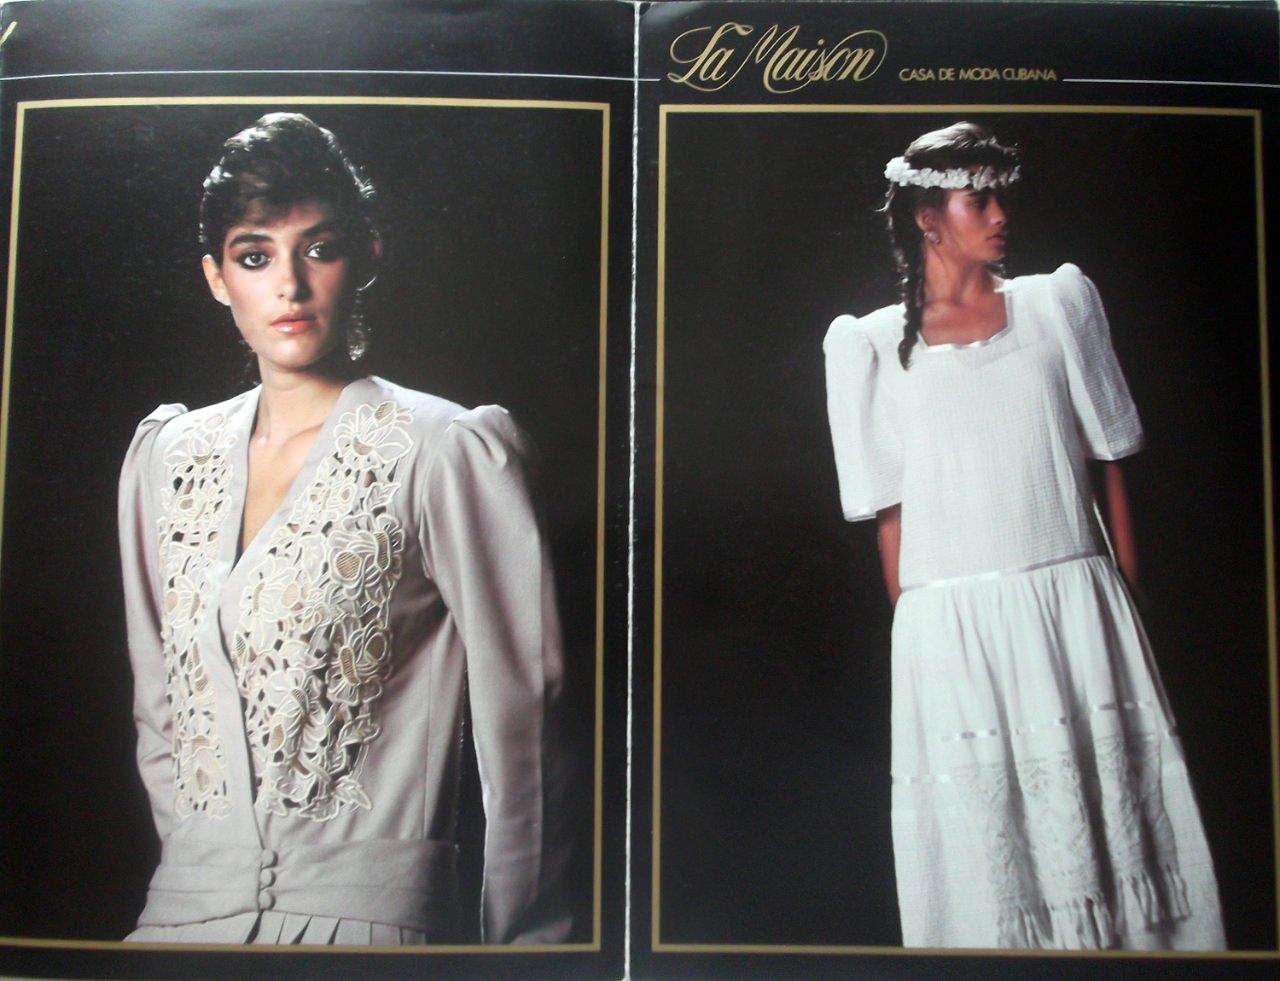 Журнал кубинского Дома моды. 80-е годы. Одна из страниц.